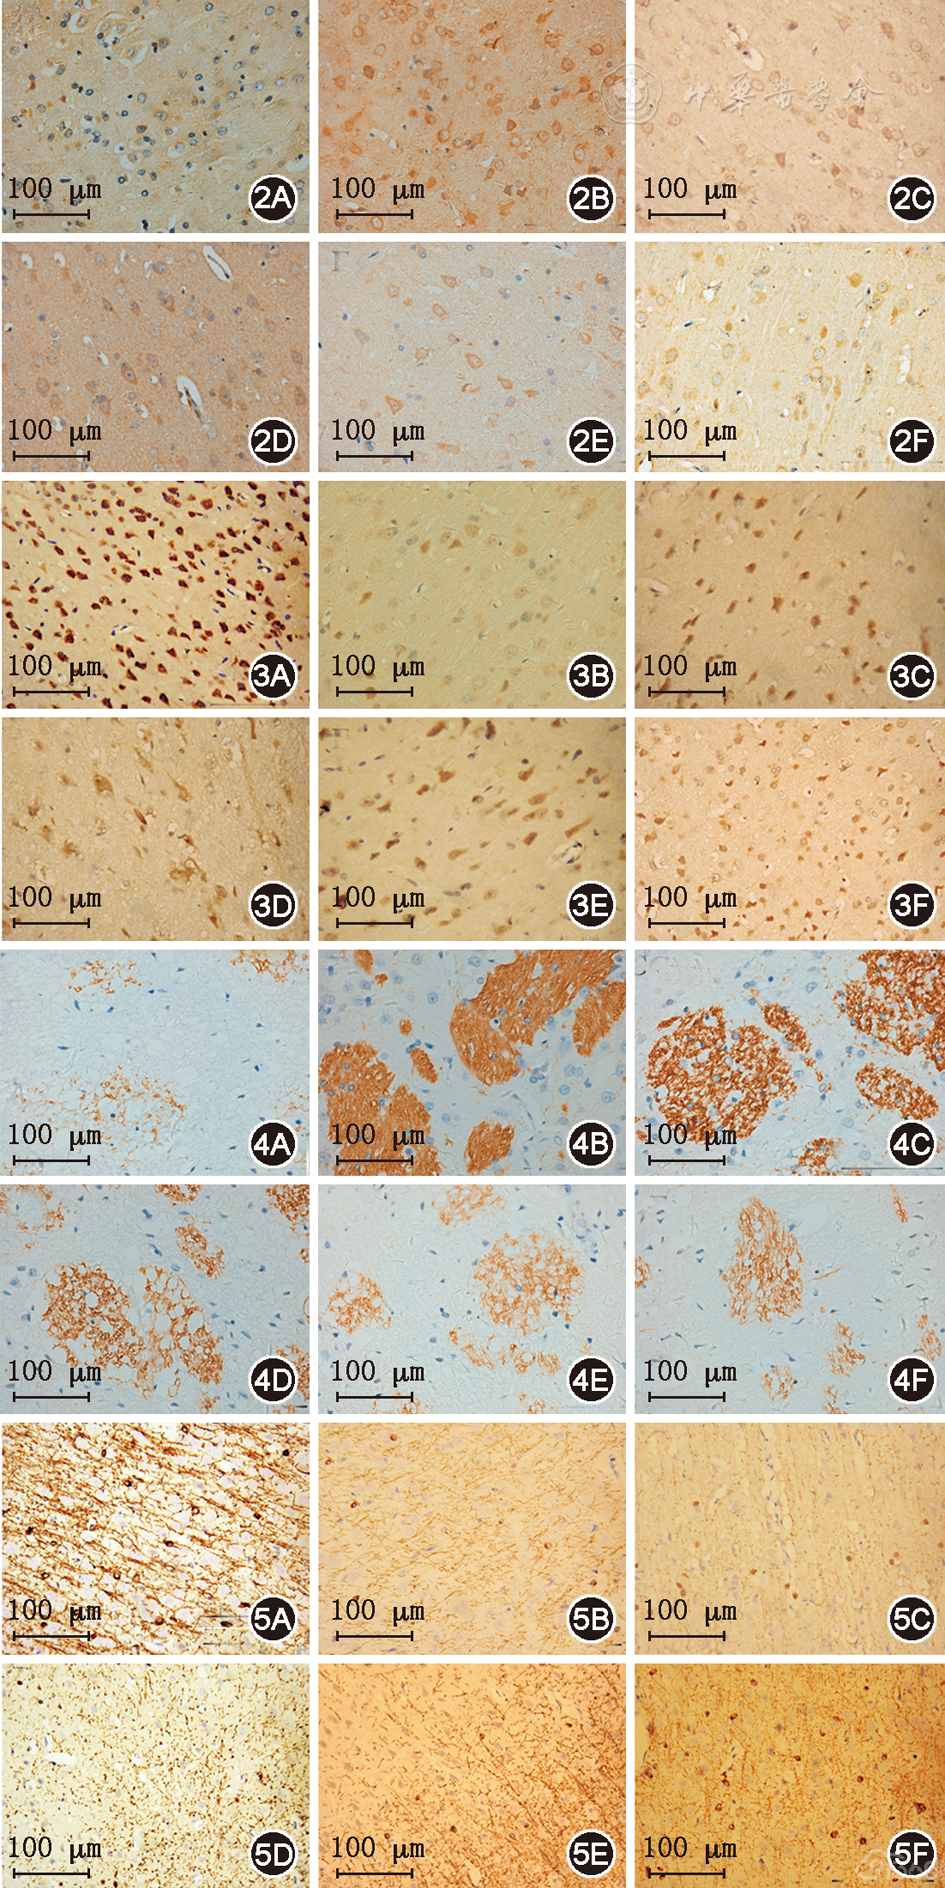 (1)NG2表达:NG2蛋白表达棕黄色颗粒,主要定位于少突胶质细胞前体细胞胞质内,但是由于脑缺血后梗死组织自溶及组织损伤的原因,部分神经元亦有波及,在本实验中以圆形或椭圆形有少量分支的NG2阳性细胞计数为准。脑缺血后,缺血中心可见部分NG2阳性细胞,缺血周围的正常脑组织及对侧脑组织也有少量表达,形态上NG2阳性细胞胞体呈圆形,放射状分支从胞体发出。梗死周边半暗带,NG2阳性细胞胞体呈扁圆形或胖圆形,分支变粗,突起变短并减少,聚集于梗死周,扩展向中心(图2)。进行阳性细胞计数发现,各实验组与对照组相比N